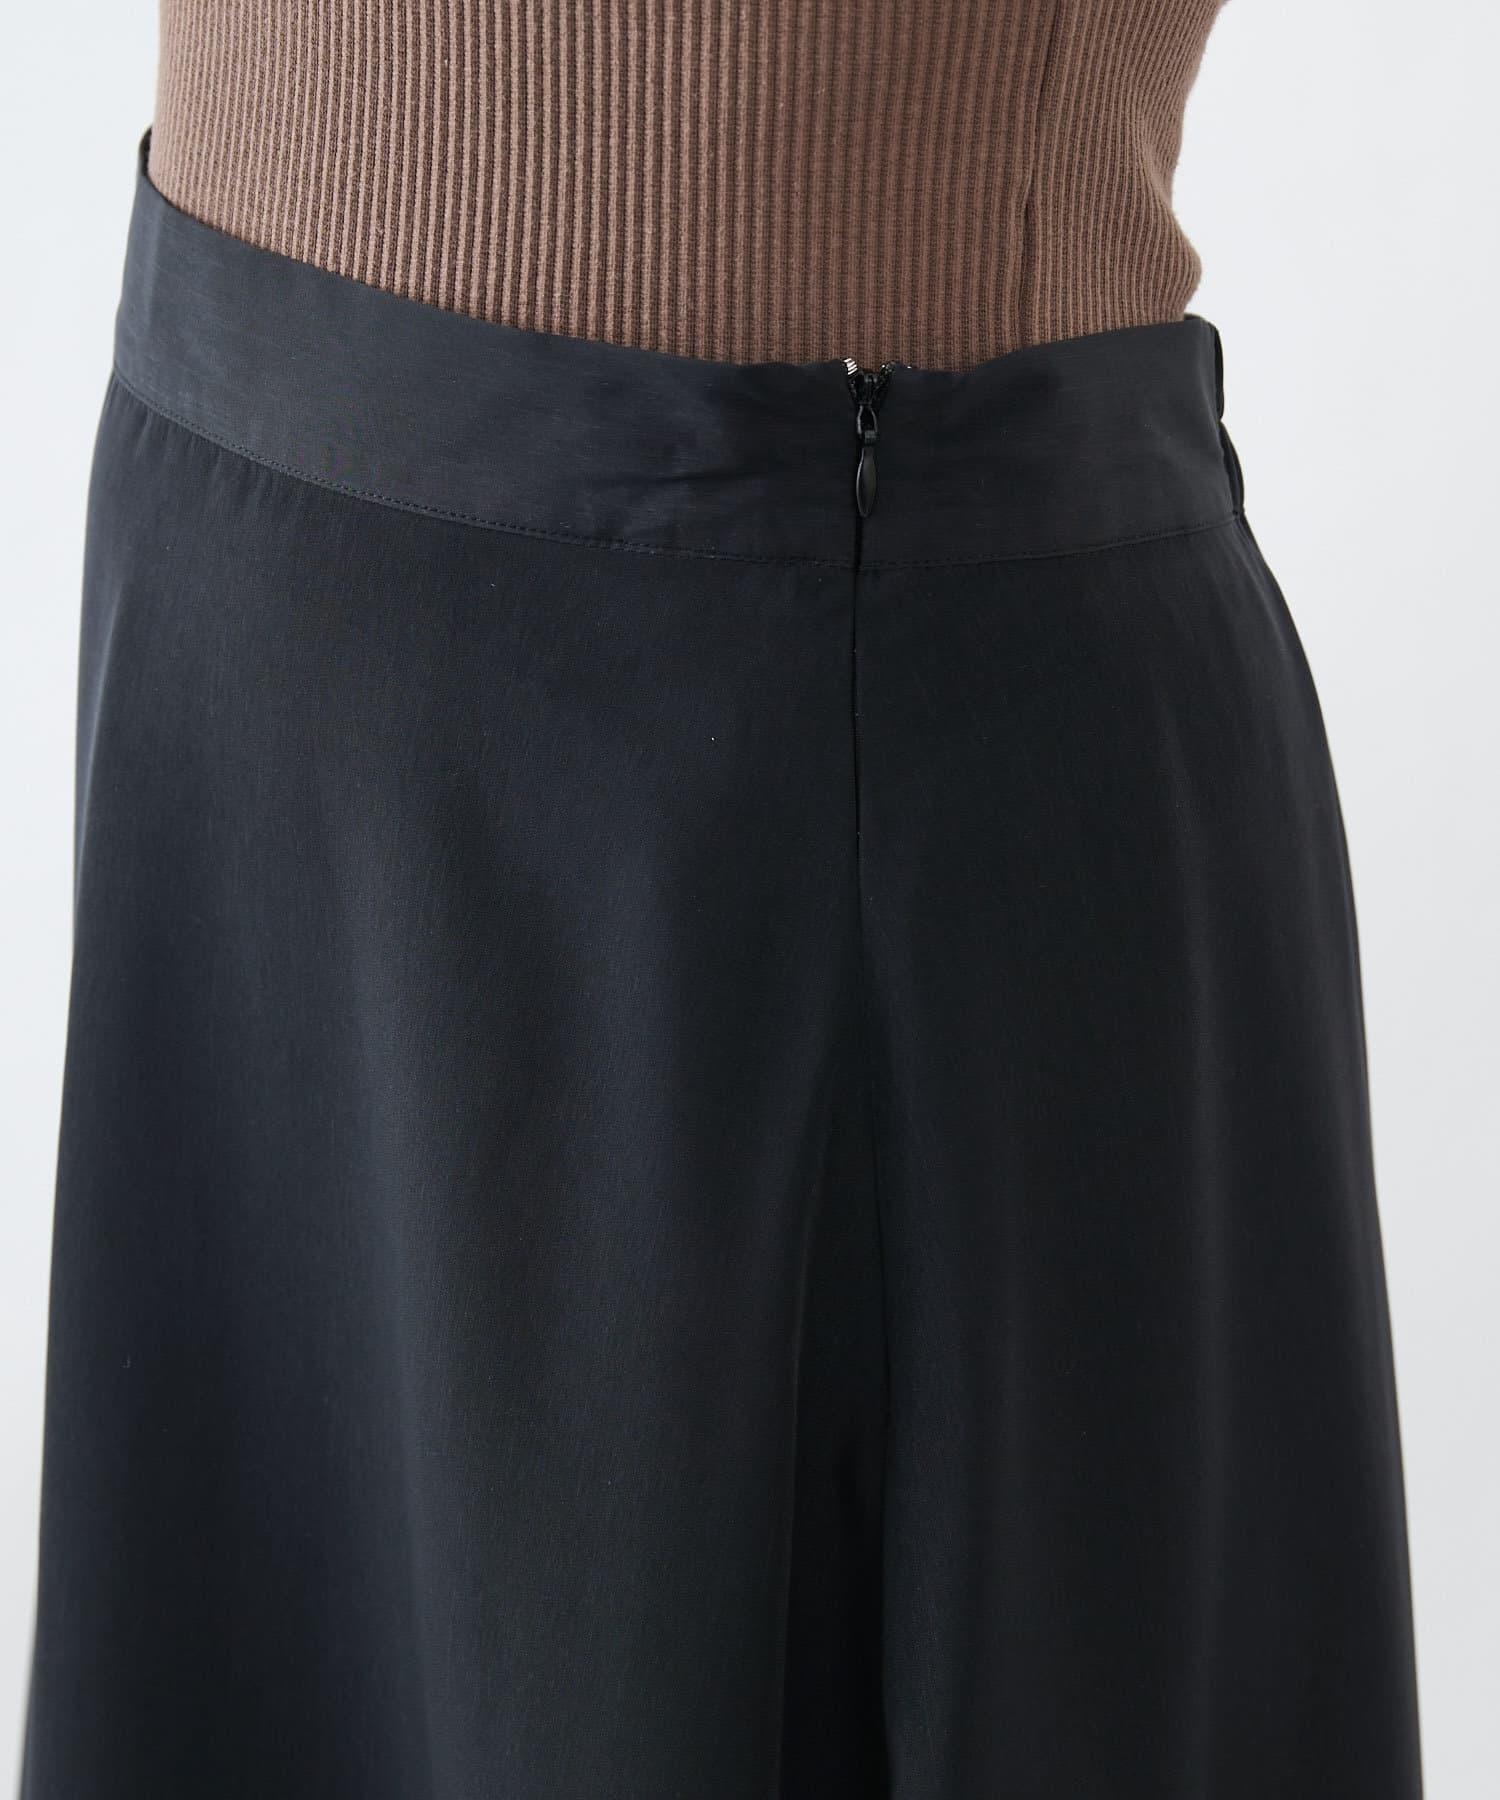 COLONY 2139(コロニー トゥーワンスリーナイン) トロタッチフレアスカート